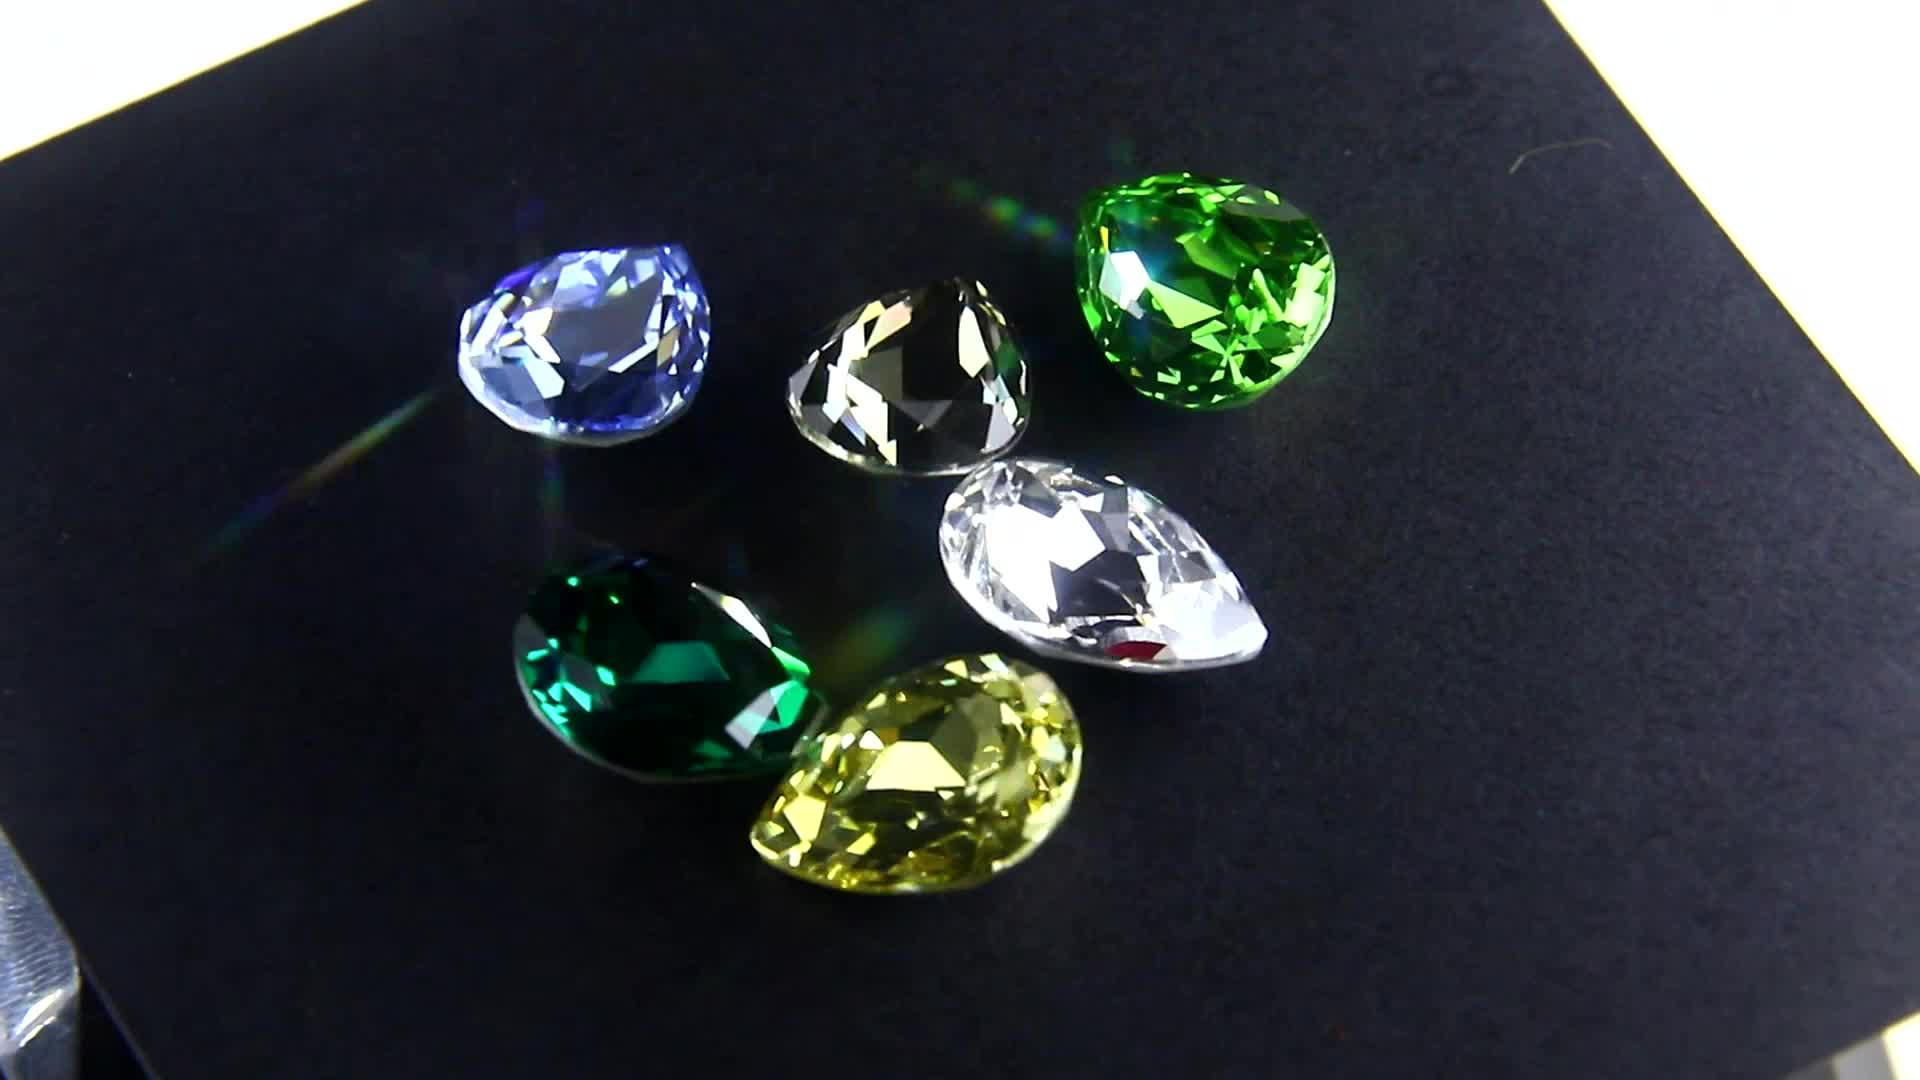 Großhandel bunte 13x18mm tropfen kristall strass für schmuck machen